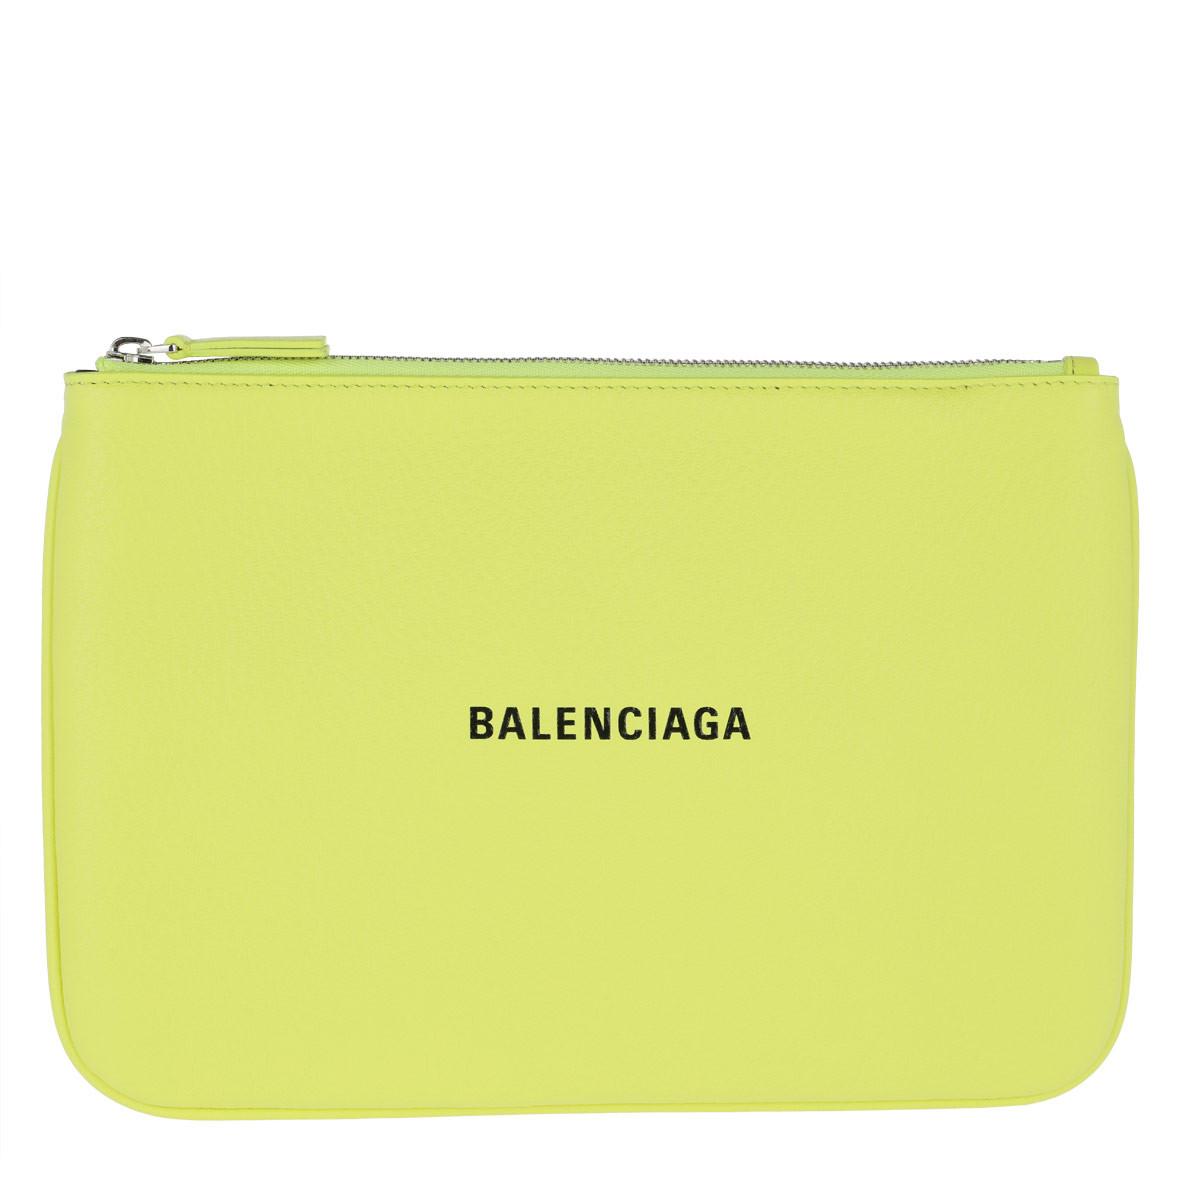 Balenciaga Clutch - Balenciaga Clutch Acid Green - in gelb - für Damen